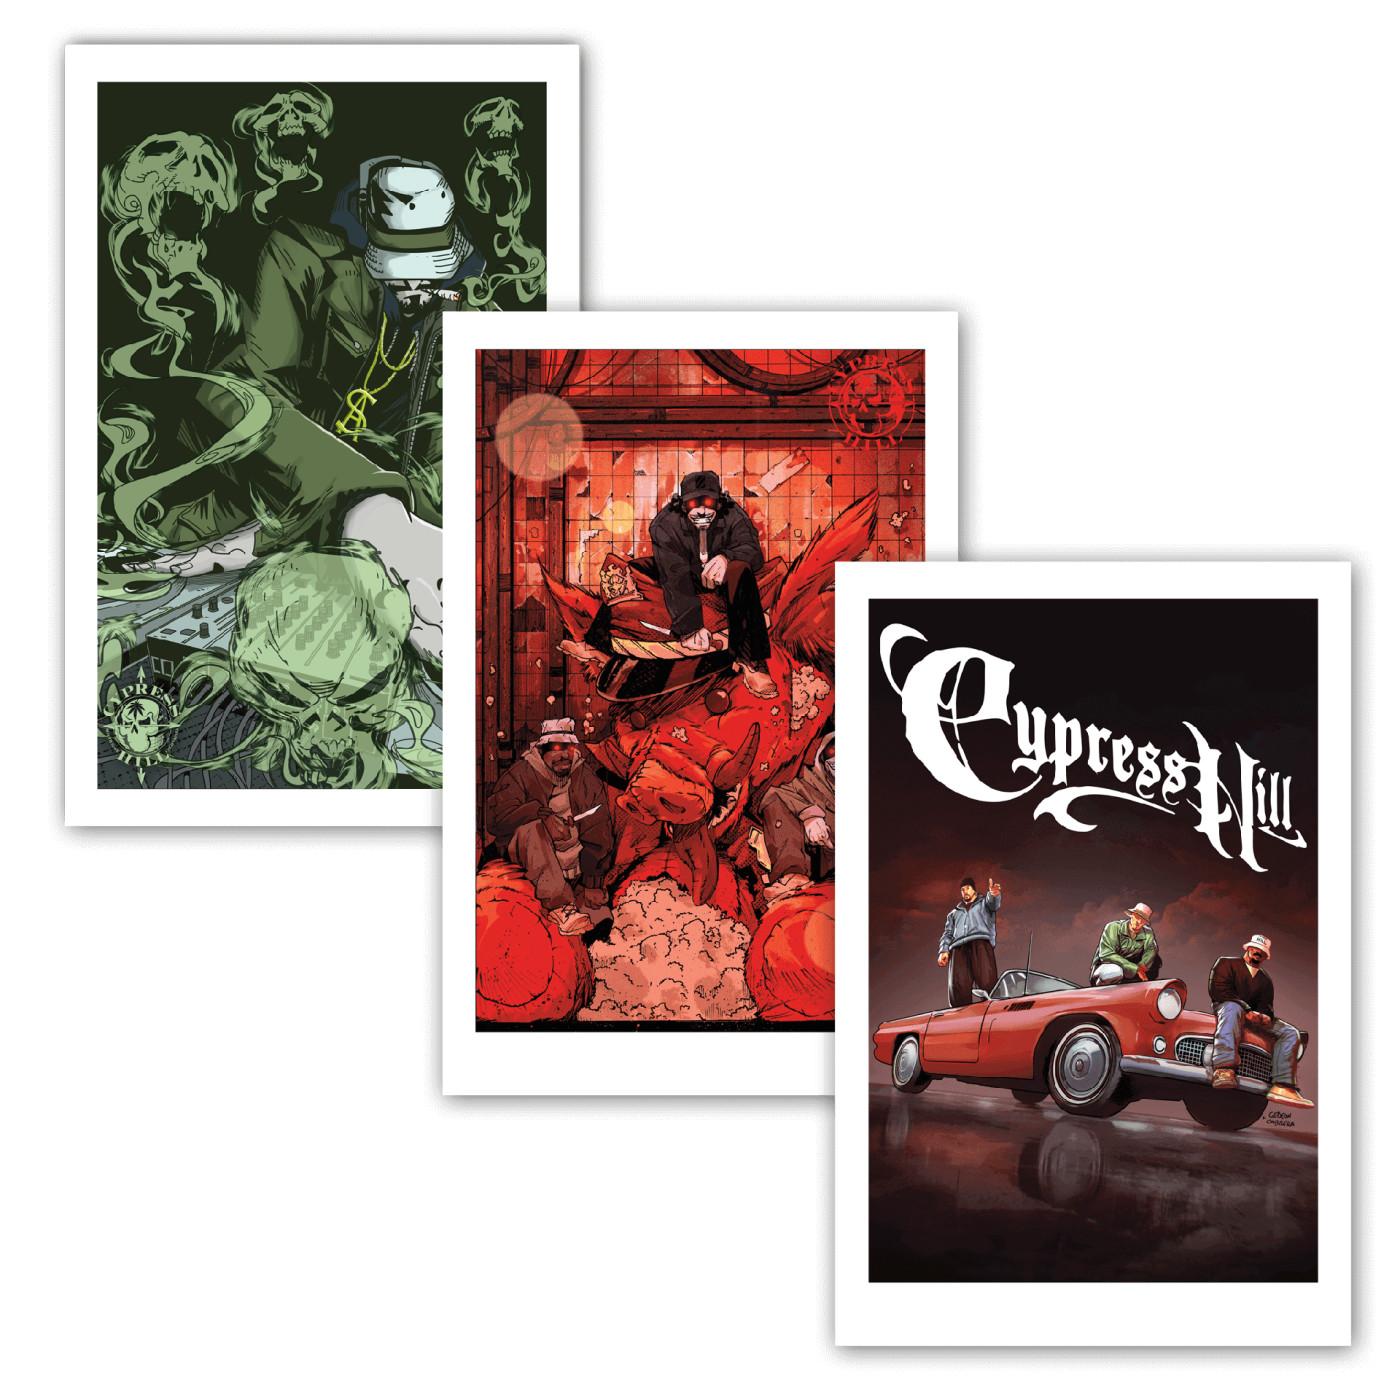 Cypress Hill: Tres Equis Print Set